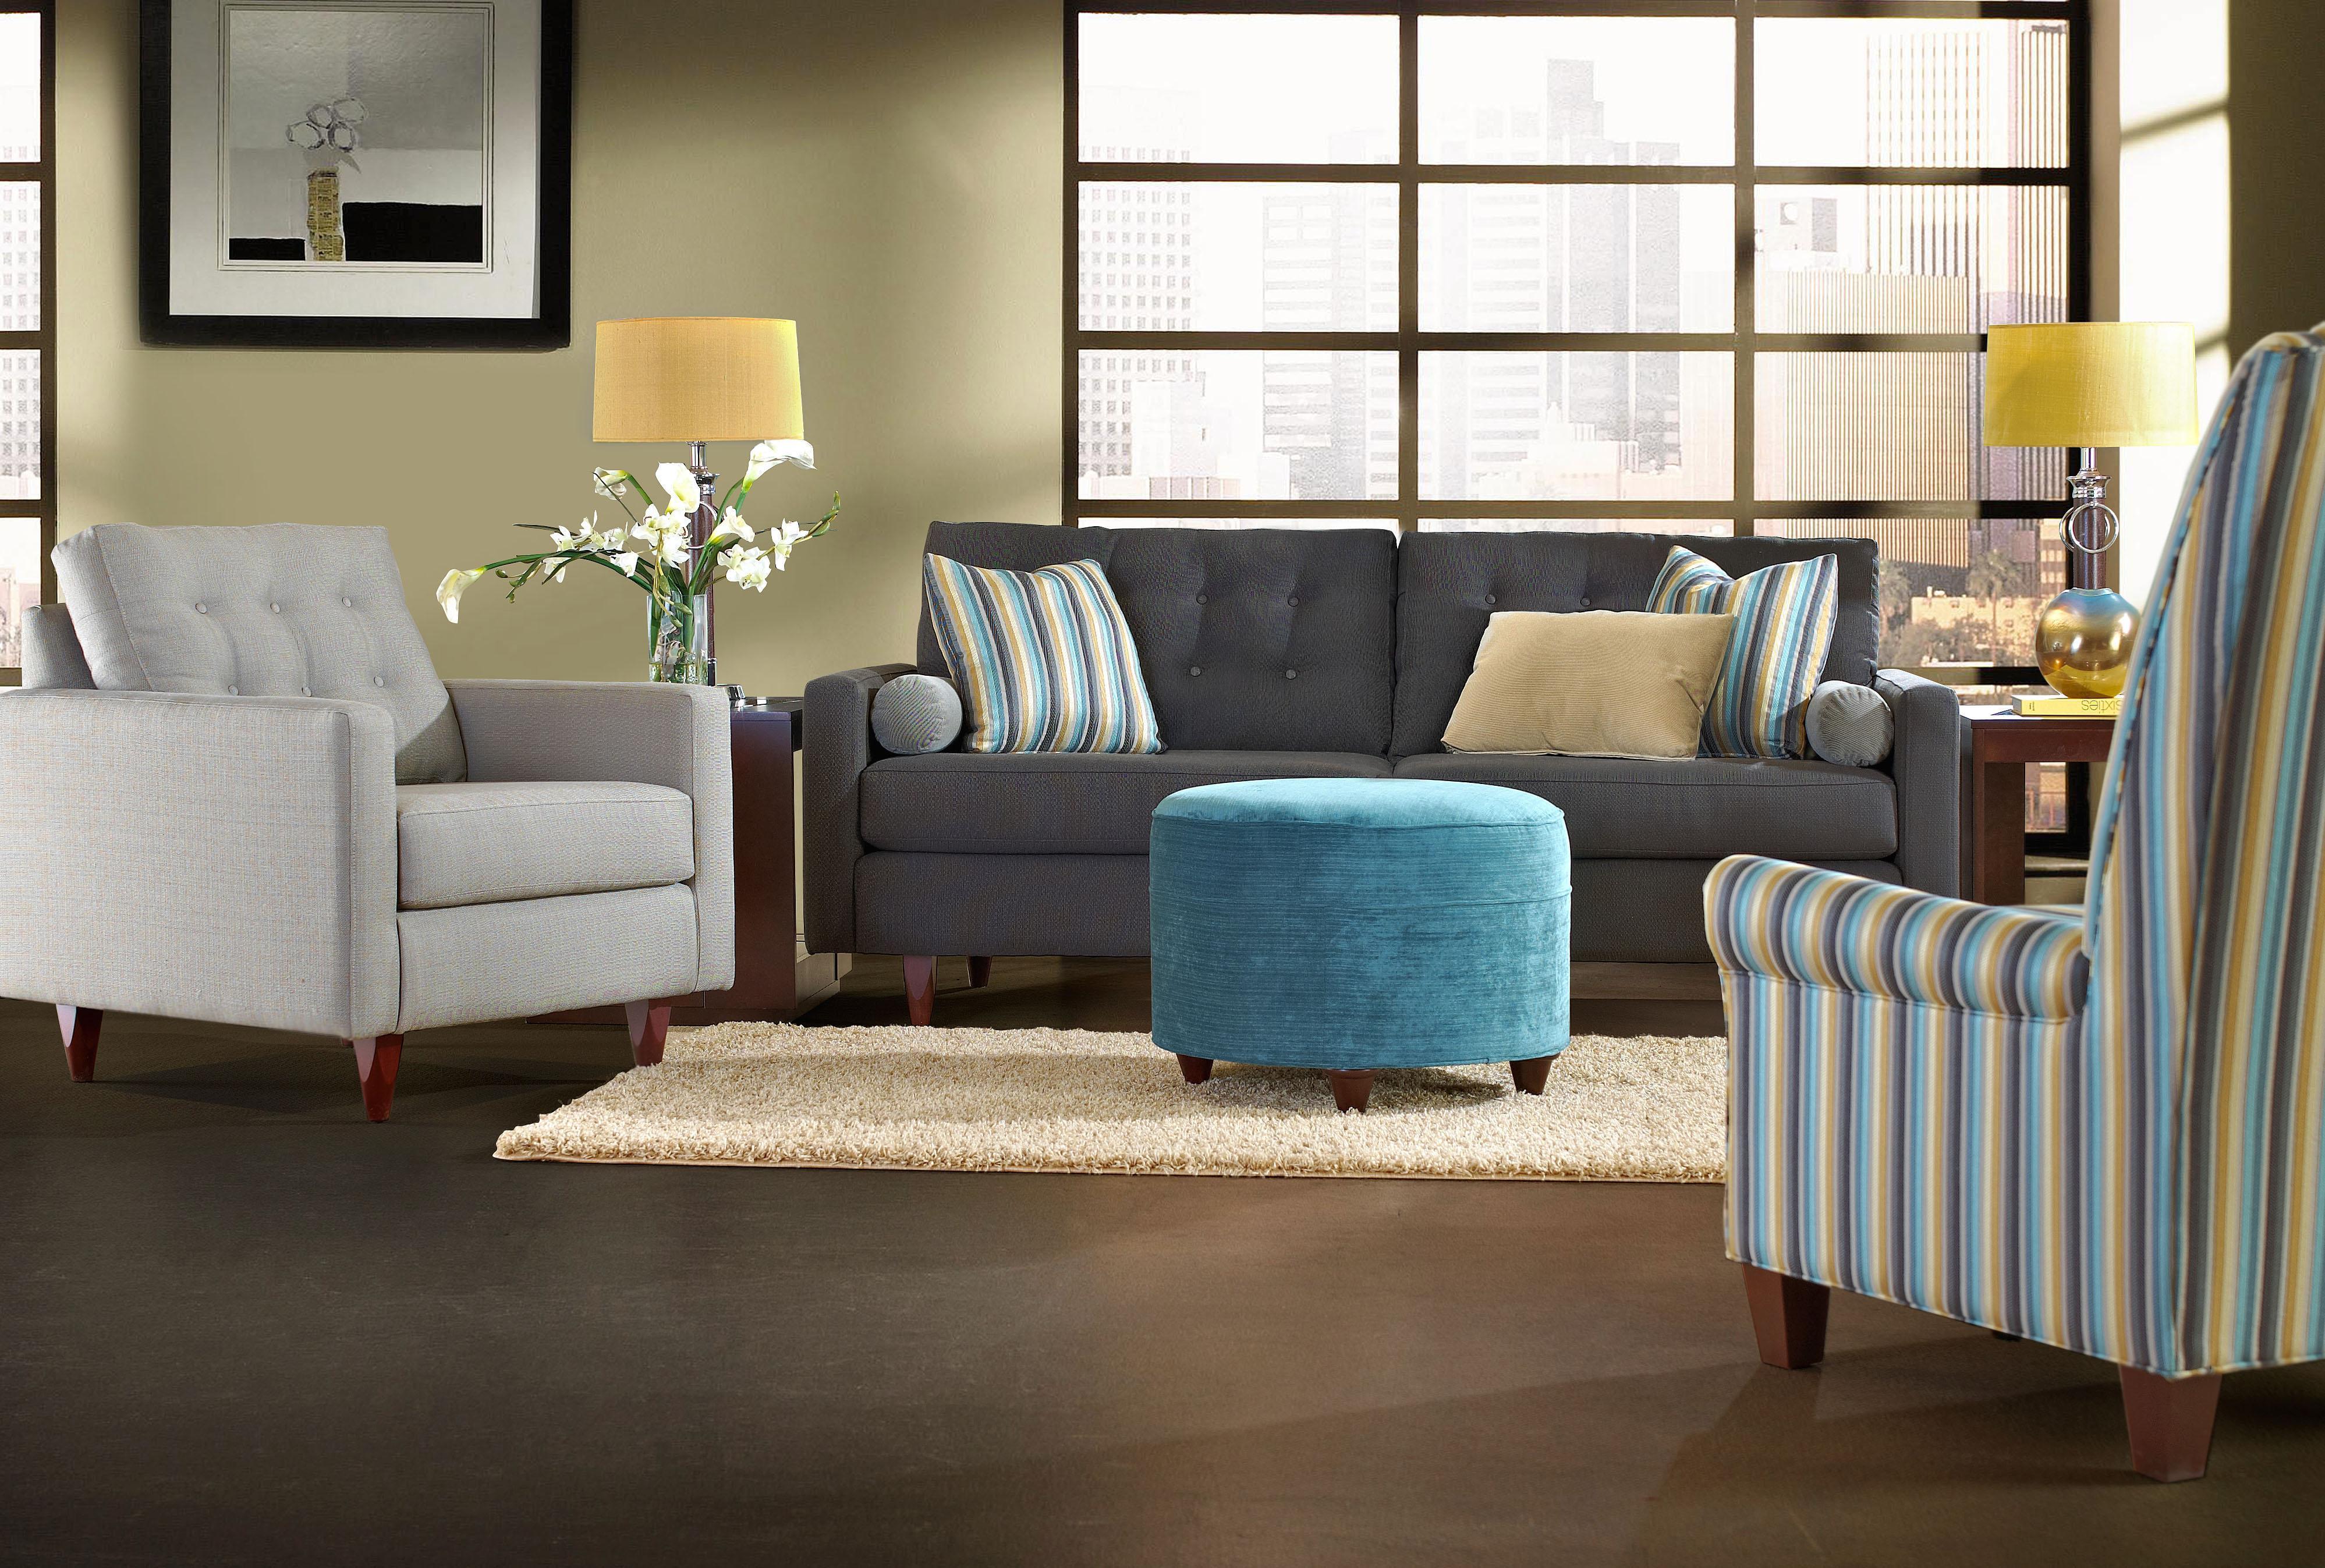 Klaussner Craven Stationary Living Room Group - Item Number: K30500 Living Room Group 1